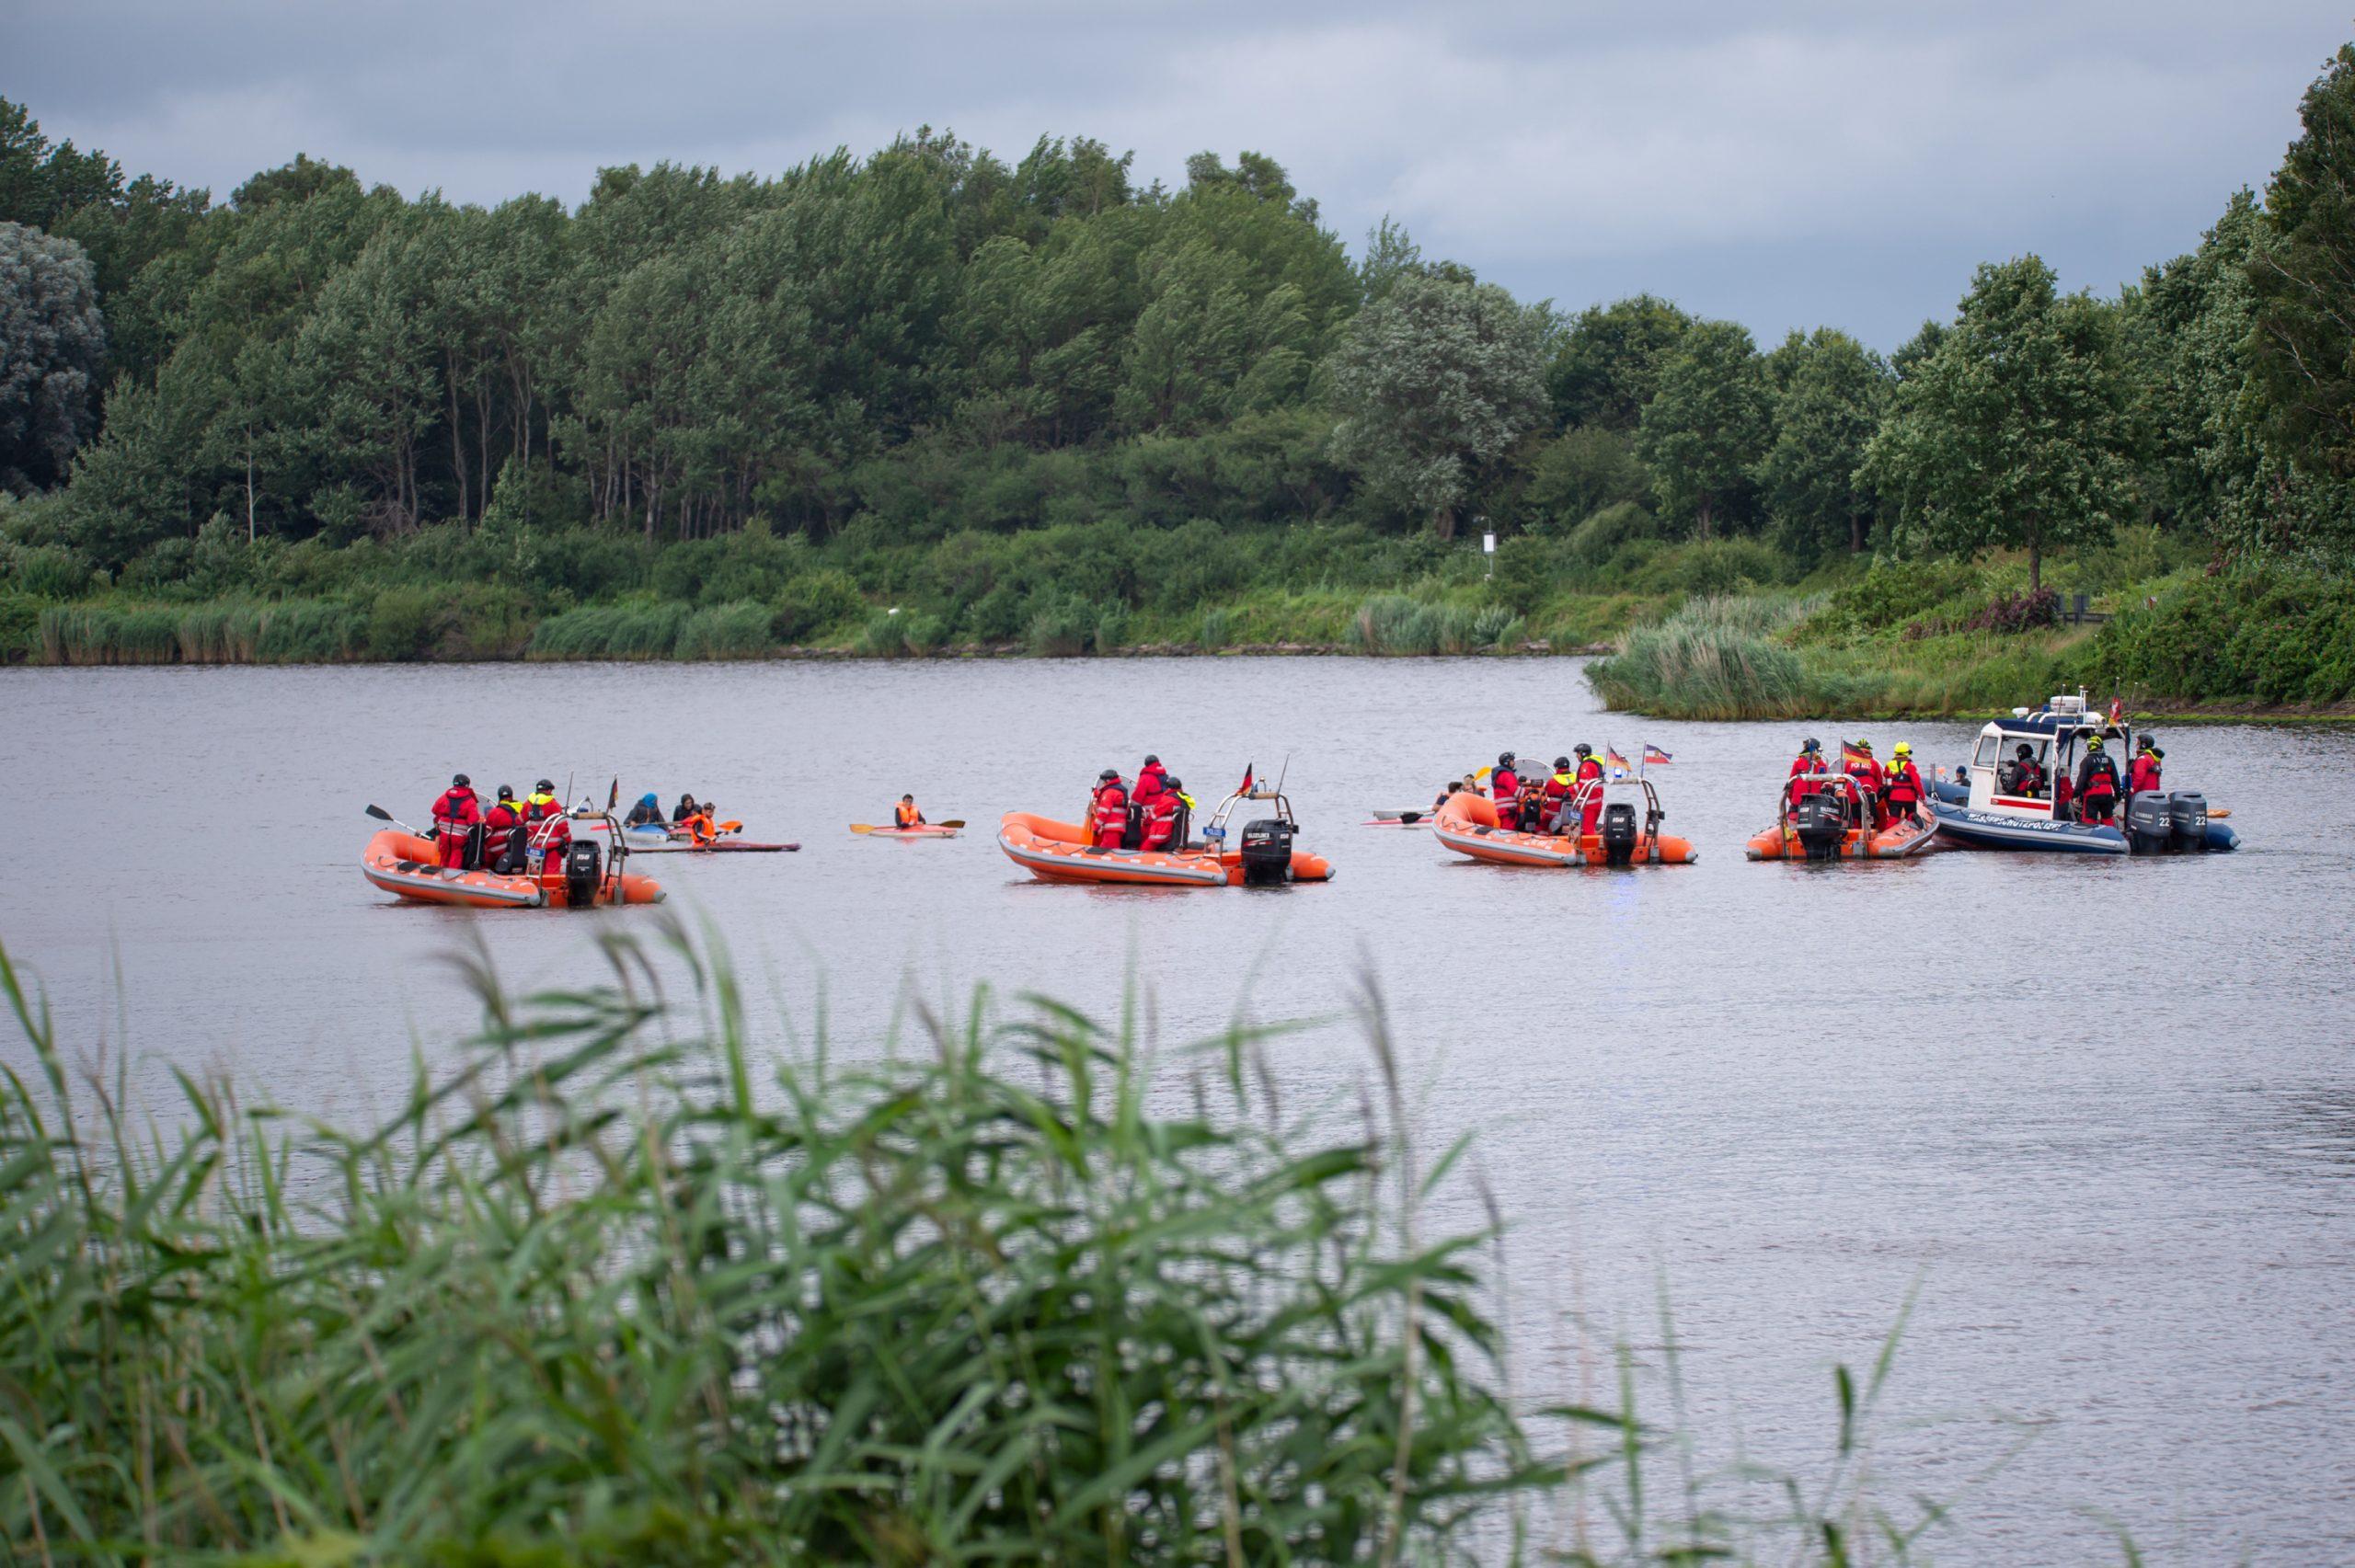 Nord-Ostsee-Kanal bei Protest gegen LNG-Terminal blockiert.